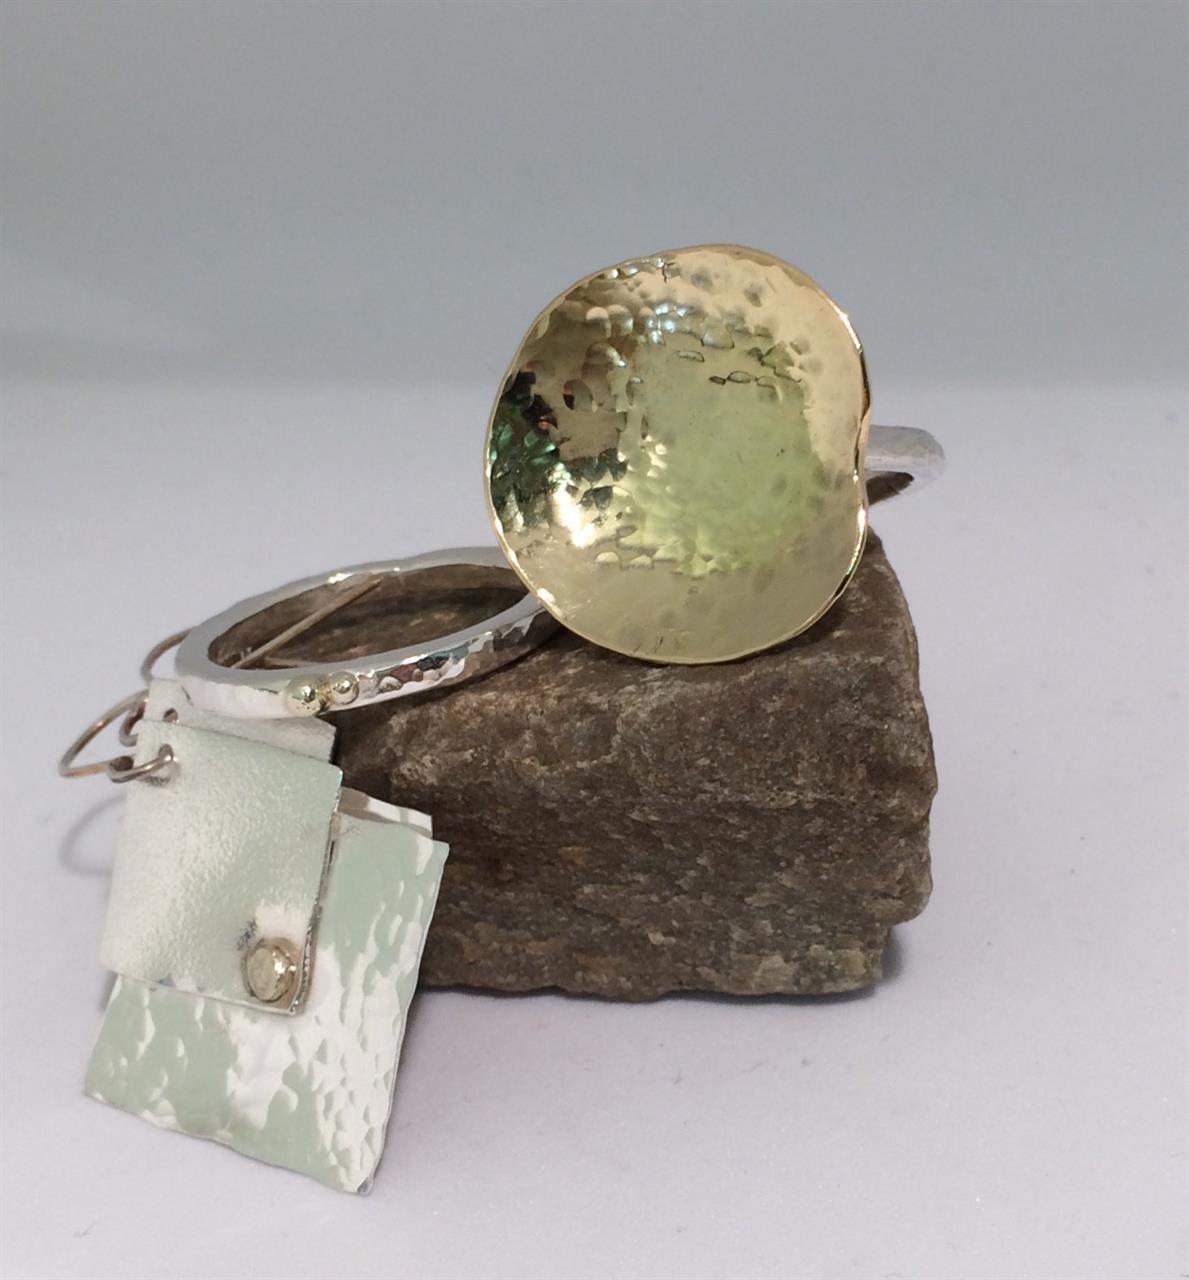 Smycket med guld av elev på silversmideskurs.